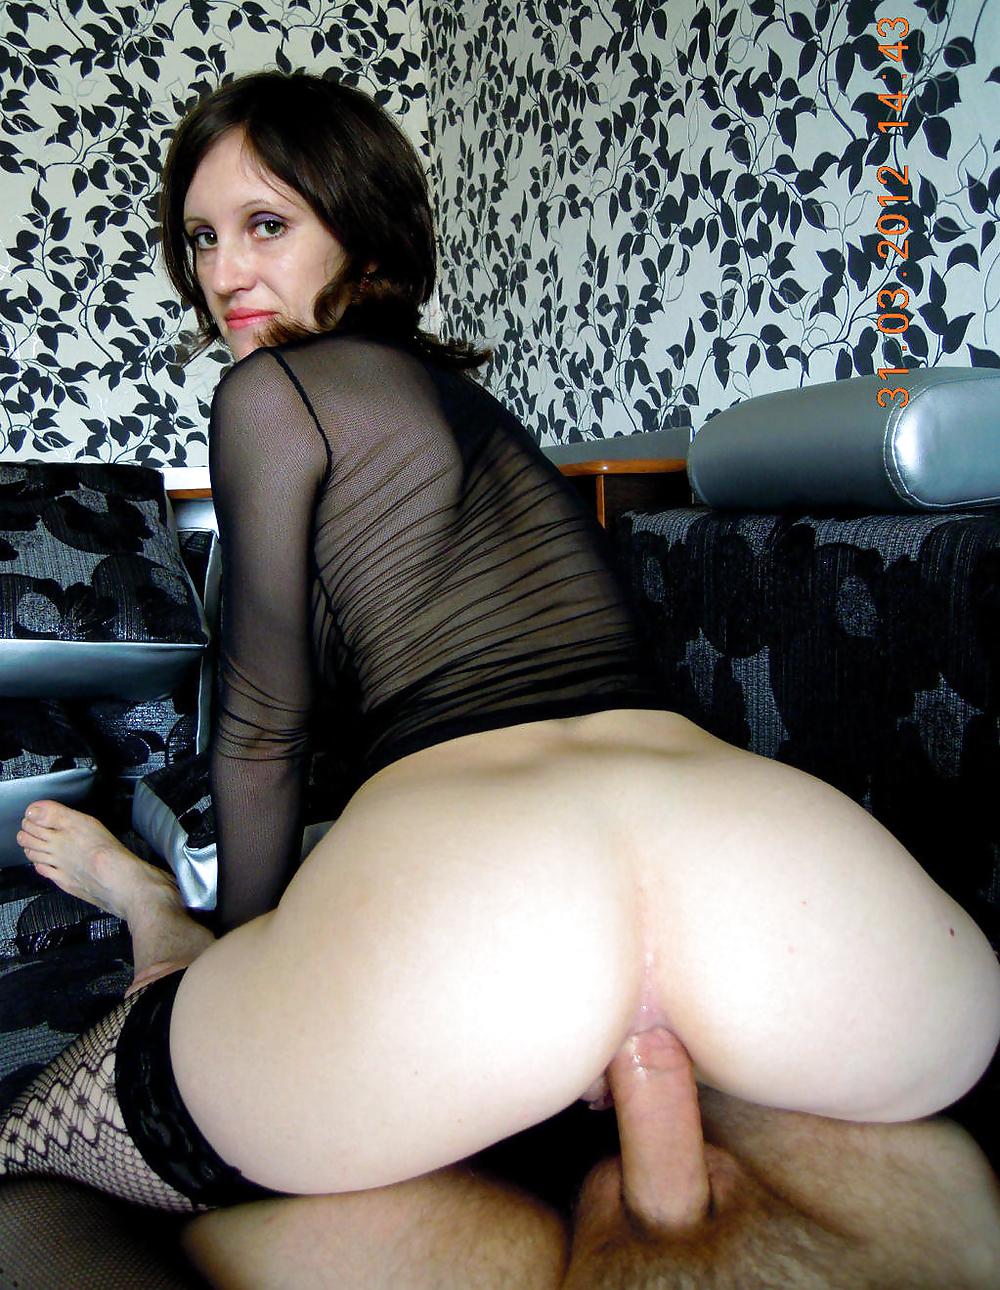 Безотказная давалка Настя порно фото бесплатно